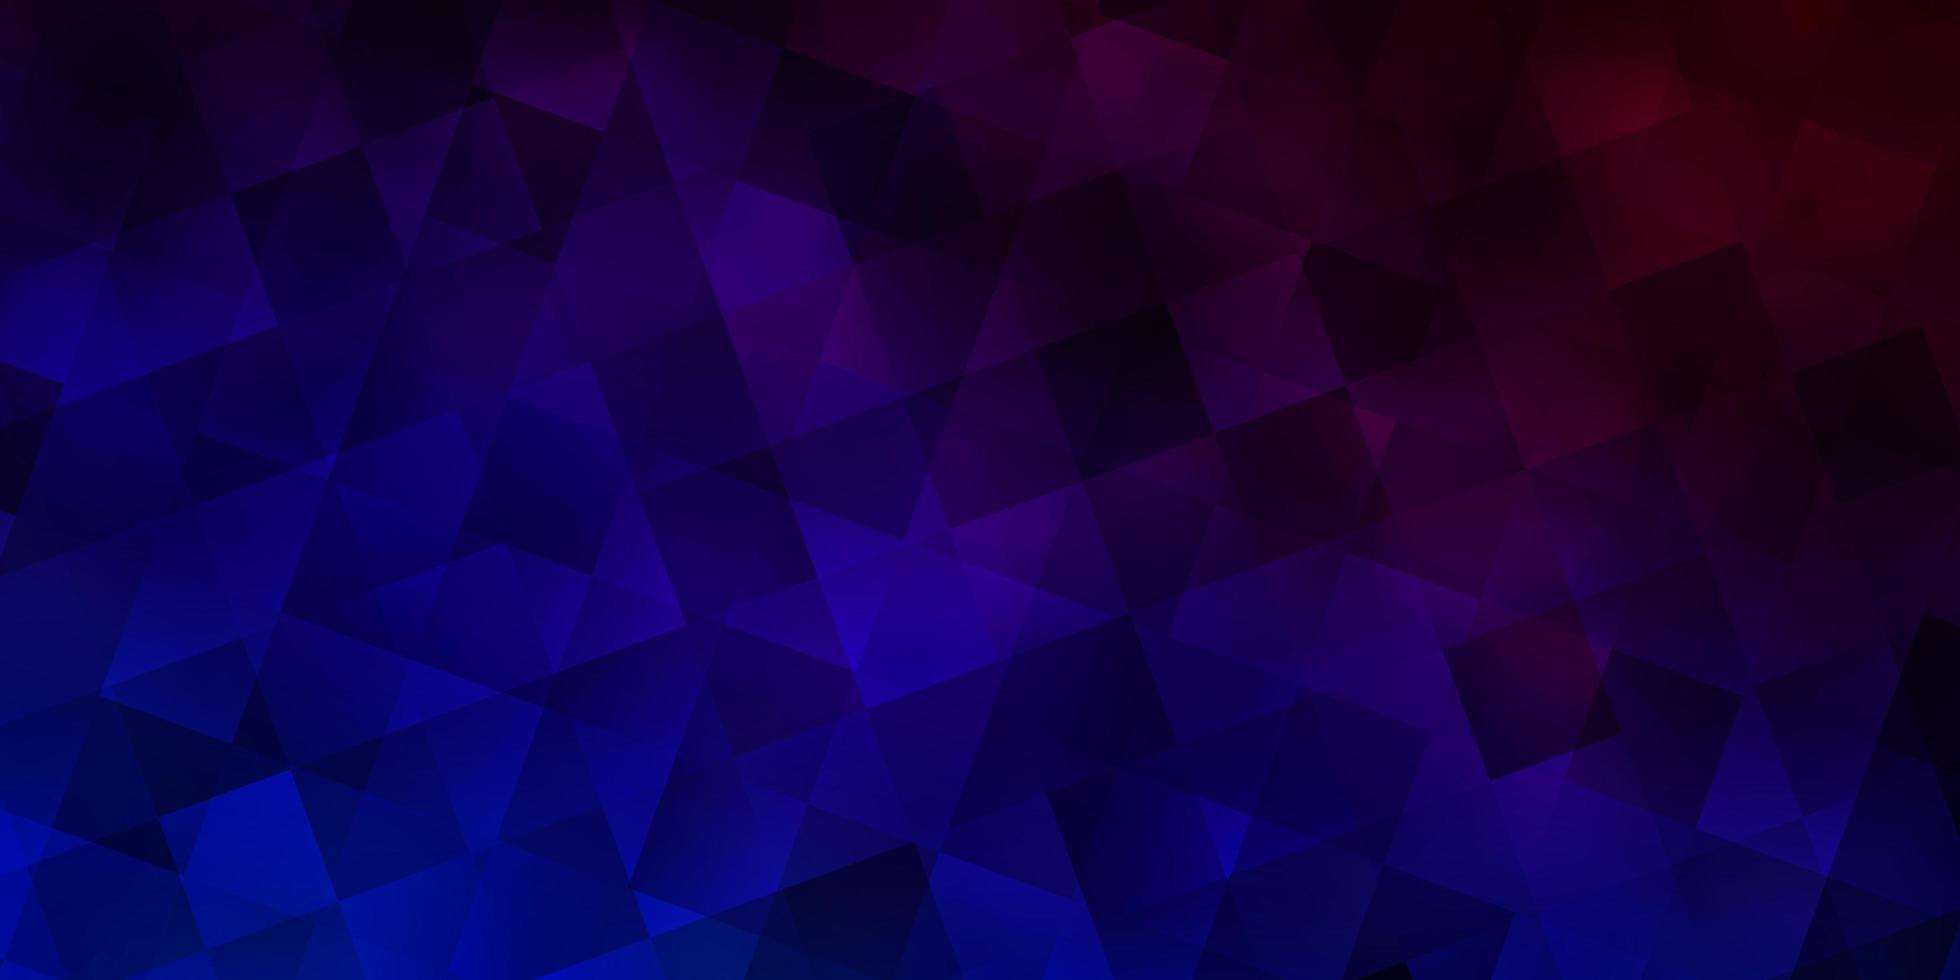 textura vector azul e vermelho escuro com estilo poli com cubos.